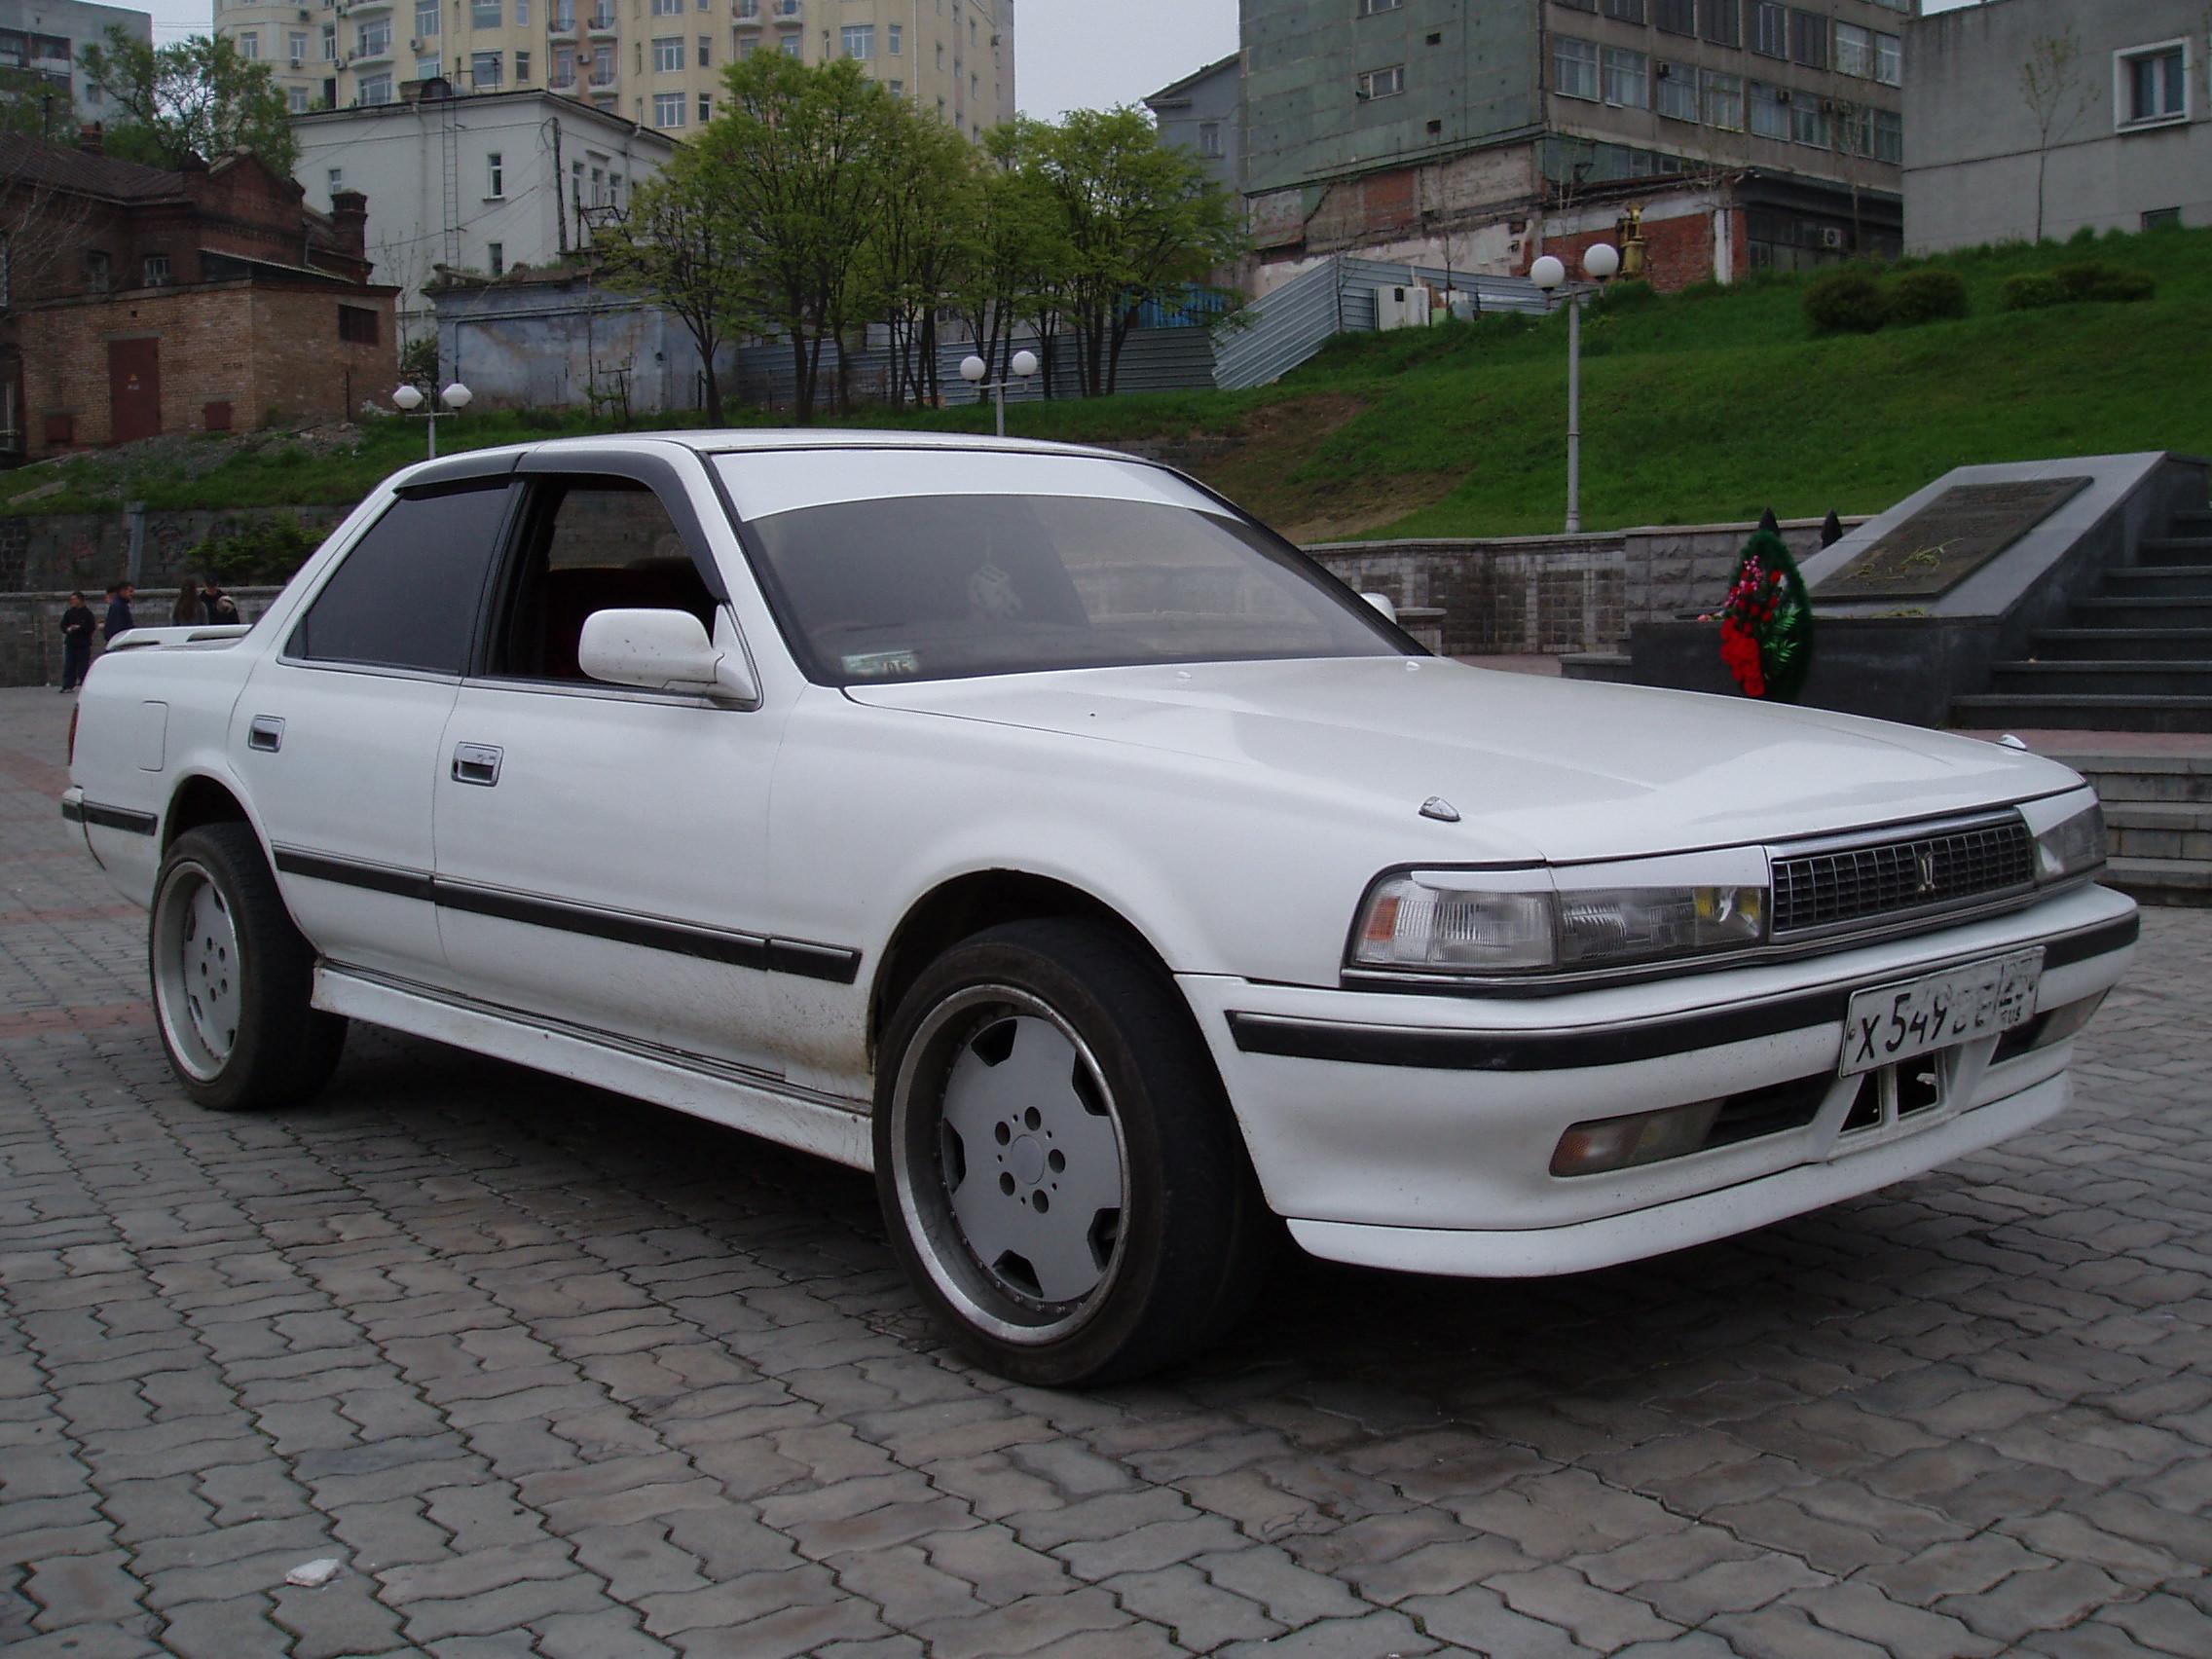 1991 Toyota Cresta Pictures 1989 Cressida Fenders